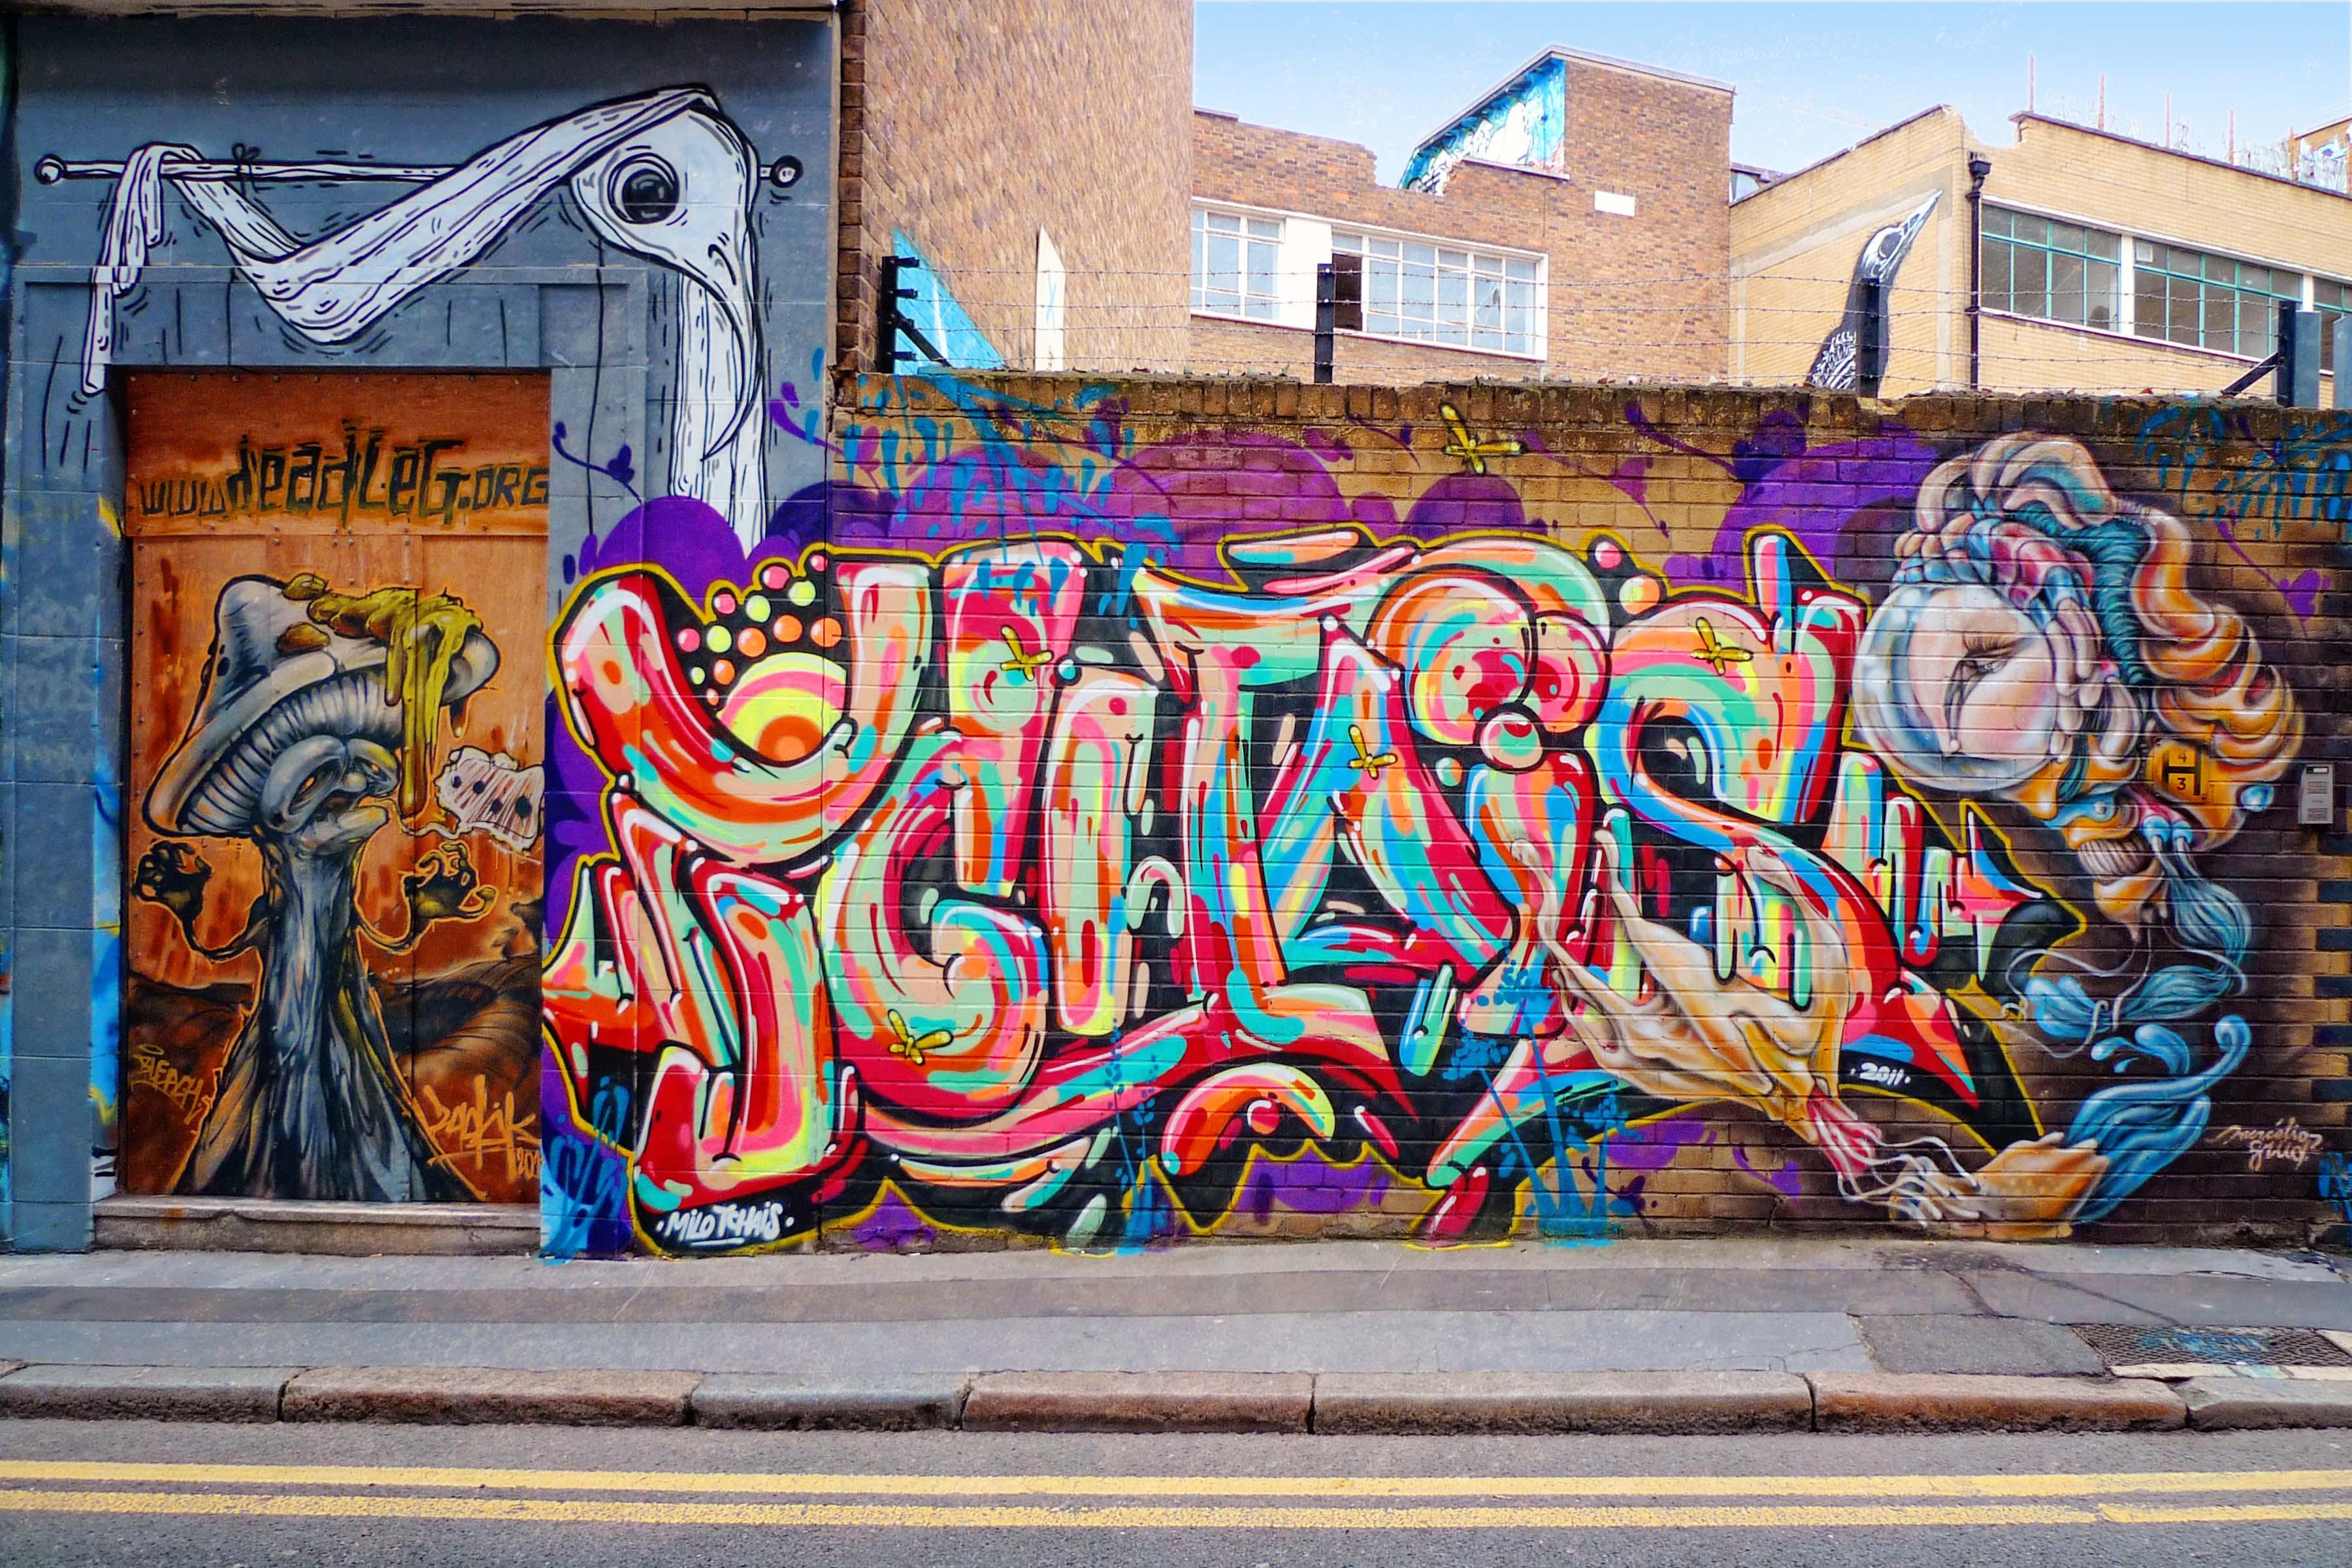 Street Art London's Street Art Tour